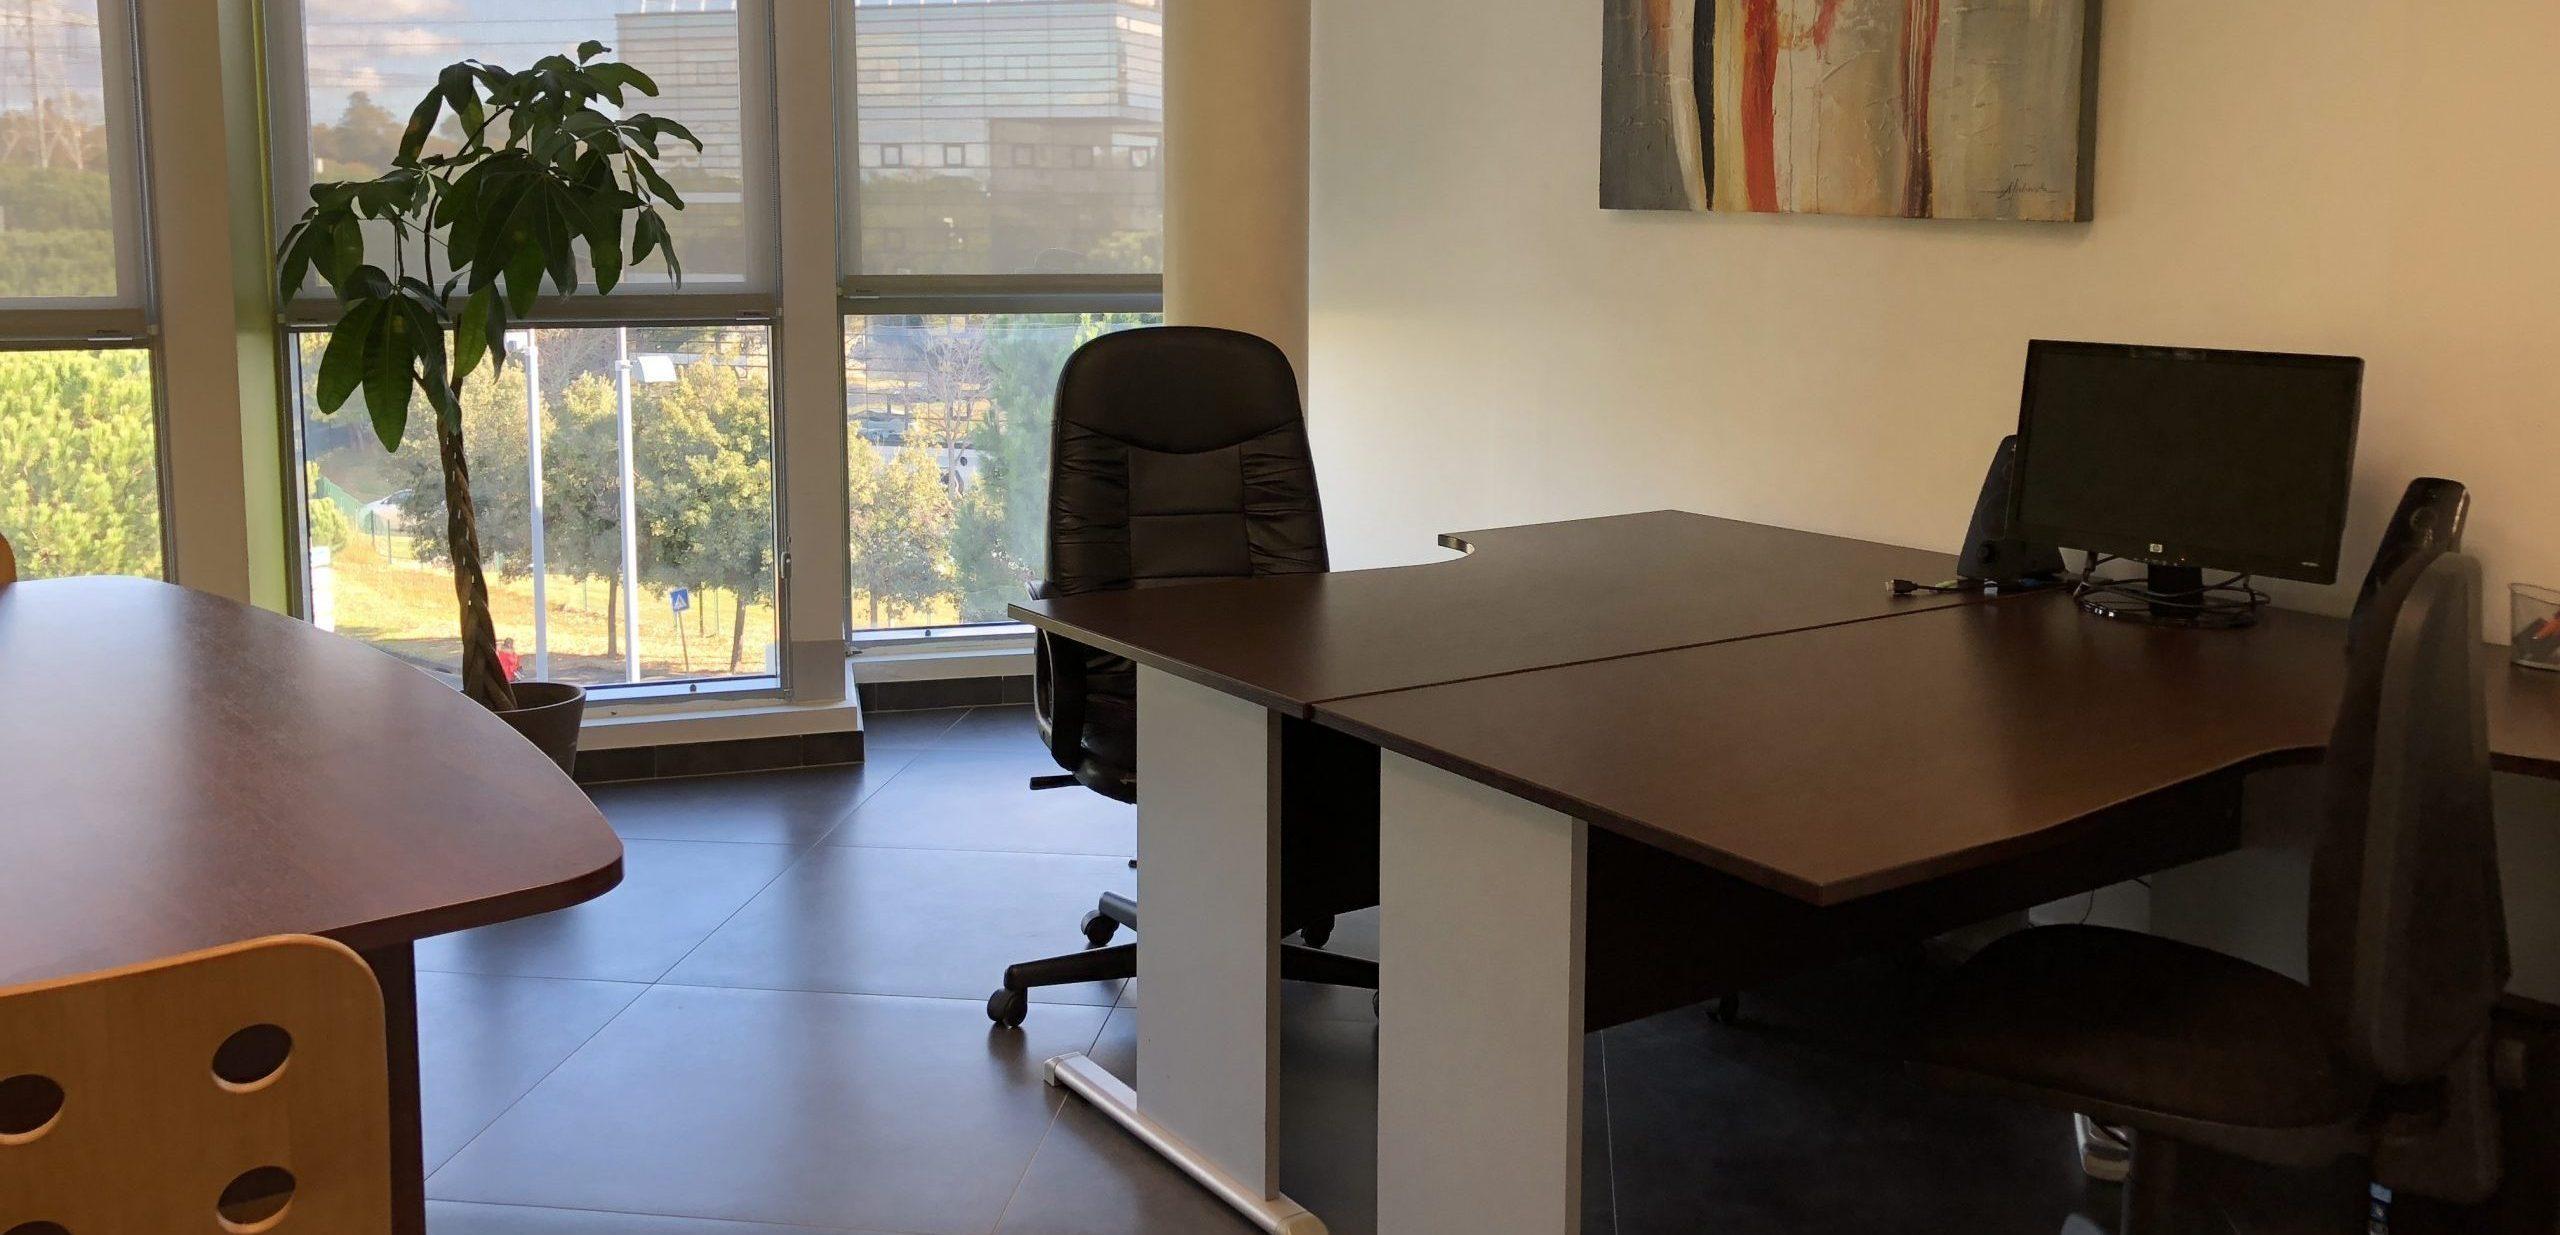 Bureau workplace